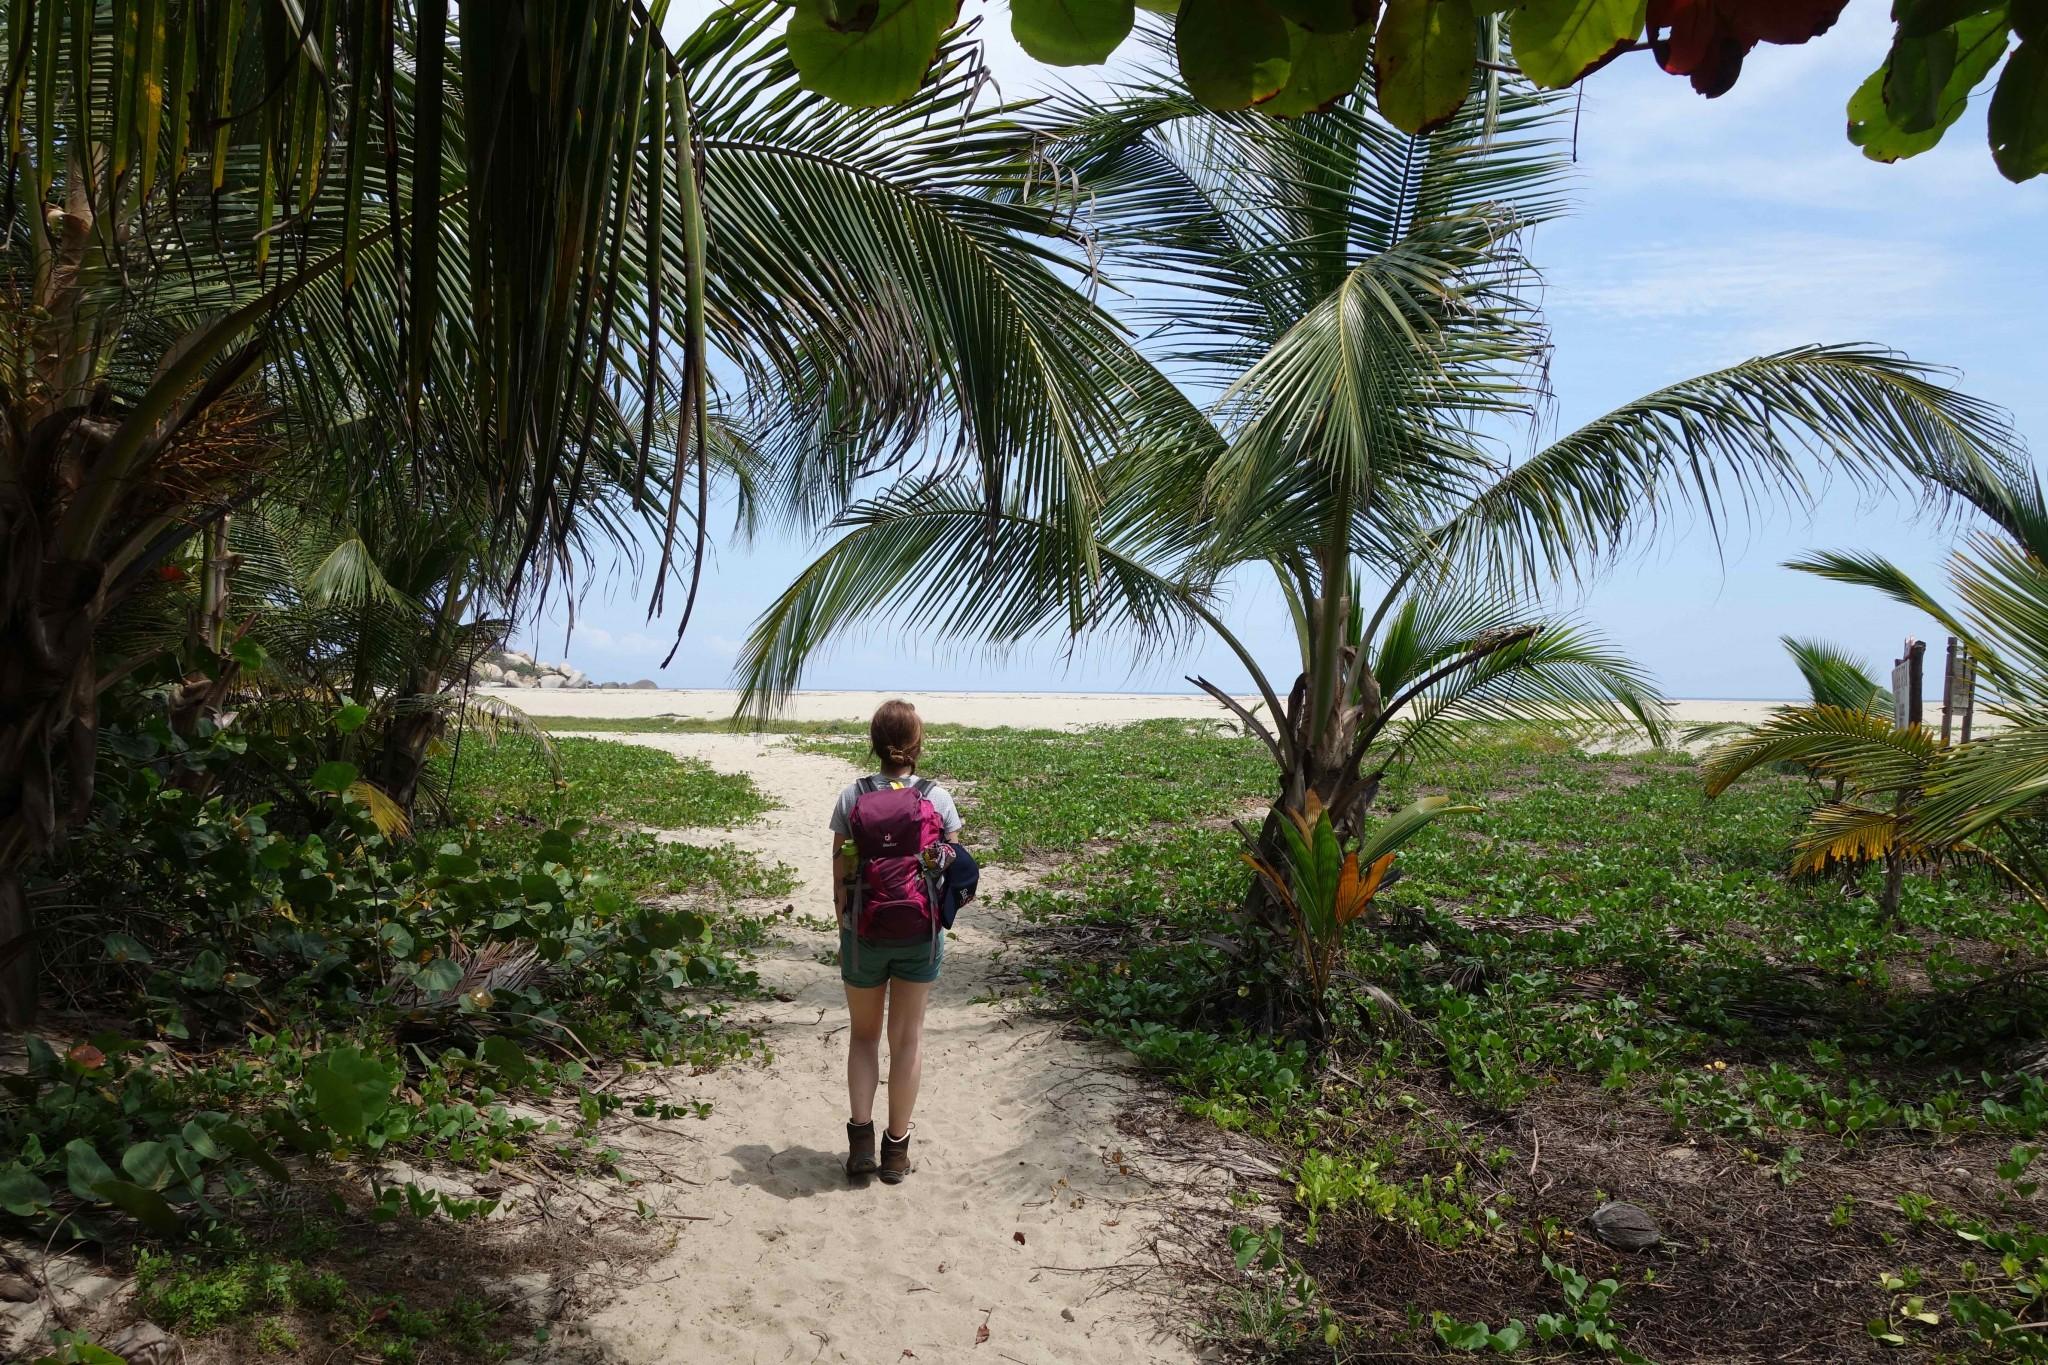 Parque Tayrona zwischen Strand und tropischem Regenwald